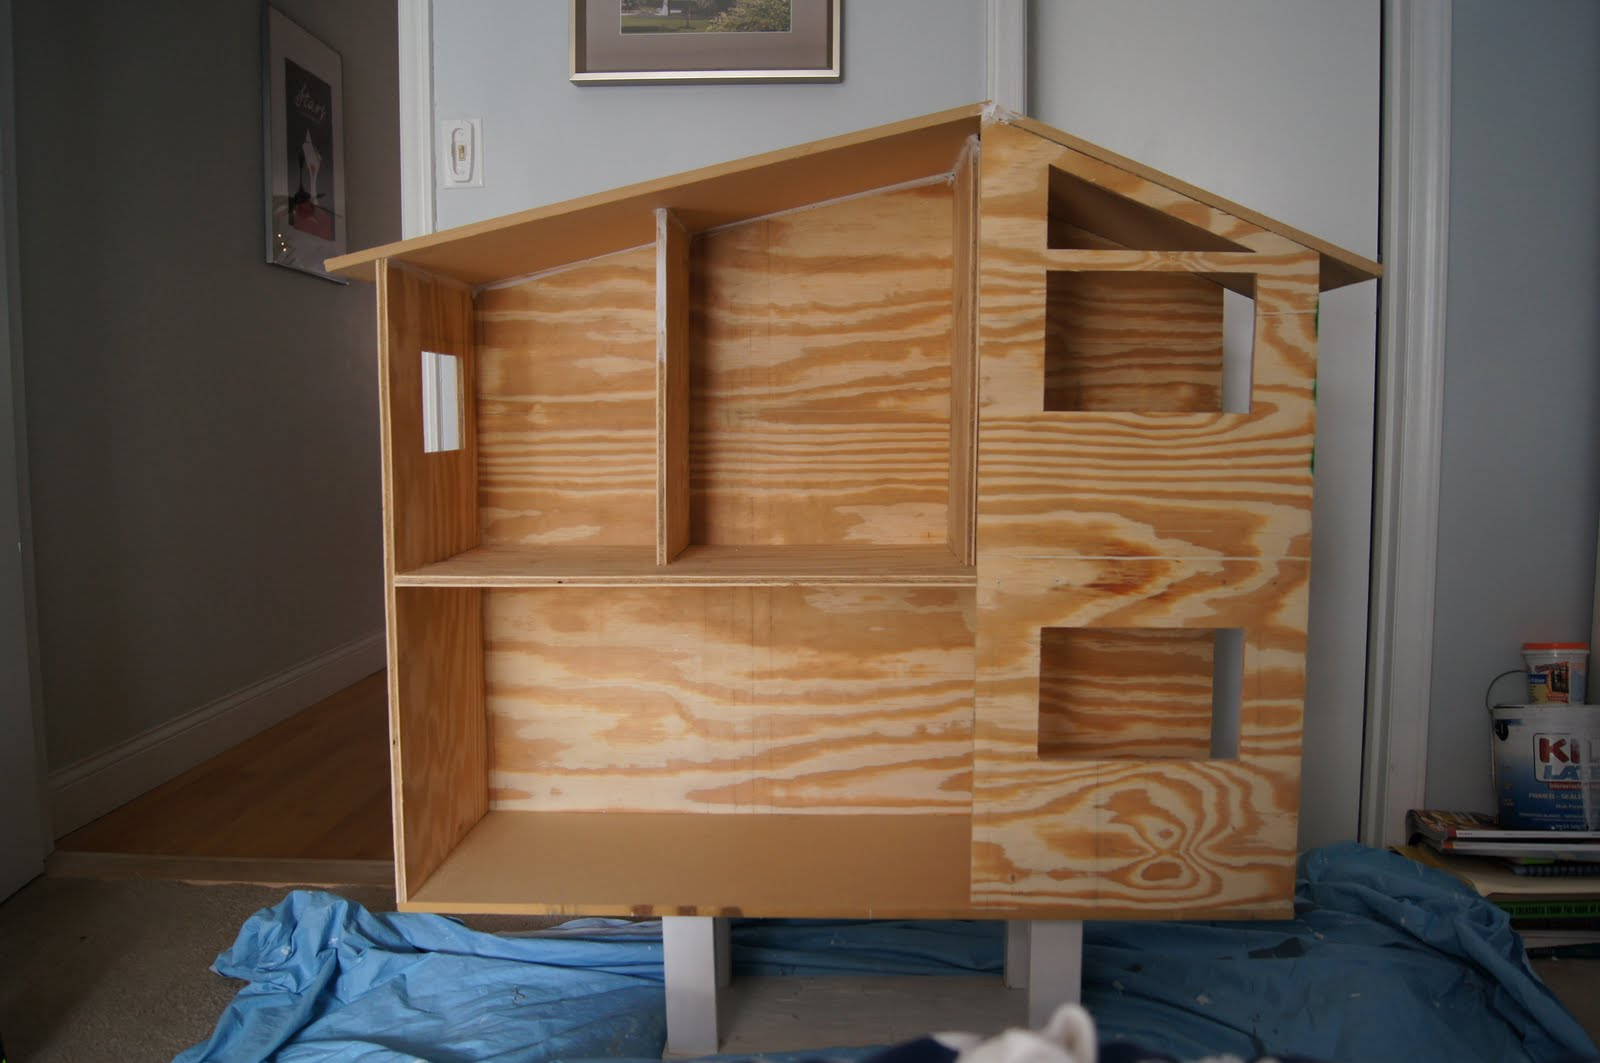 Изготовлю домик для кукол под заказ по вашим размерам. кушва.